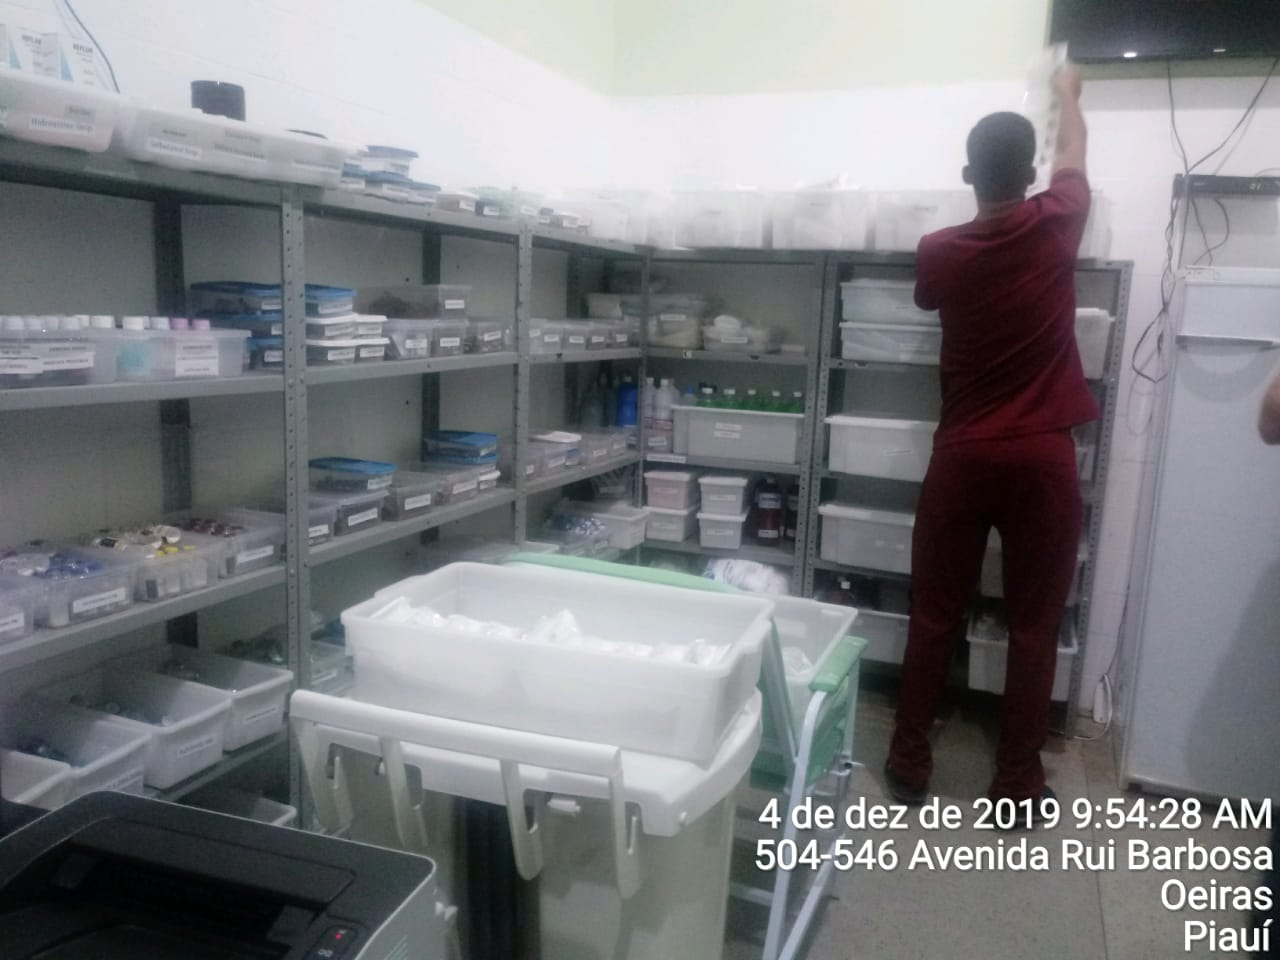 Não existe farmacêutico responsável técnico substituto presente na farmácia nos horários não cobertos pelo responsável técnico. Havia apenas os auxiliares administrativos.